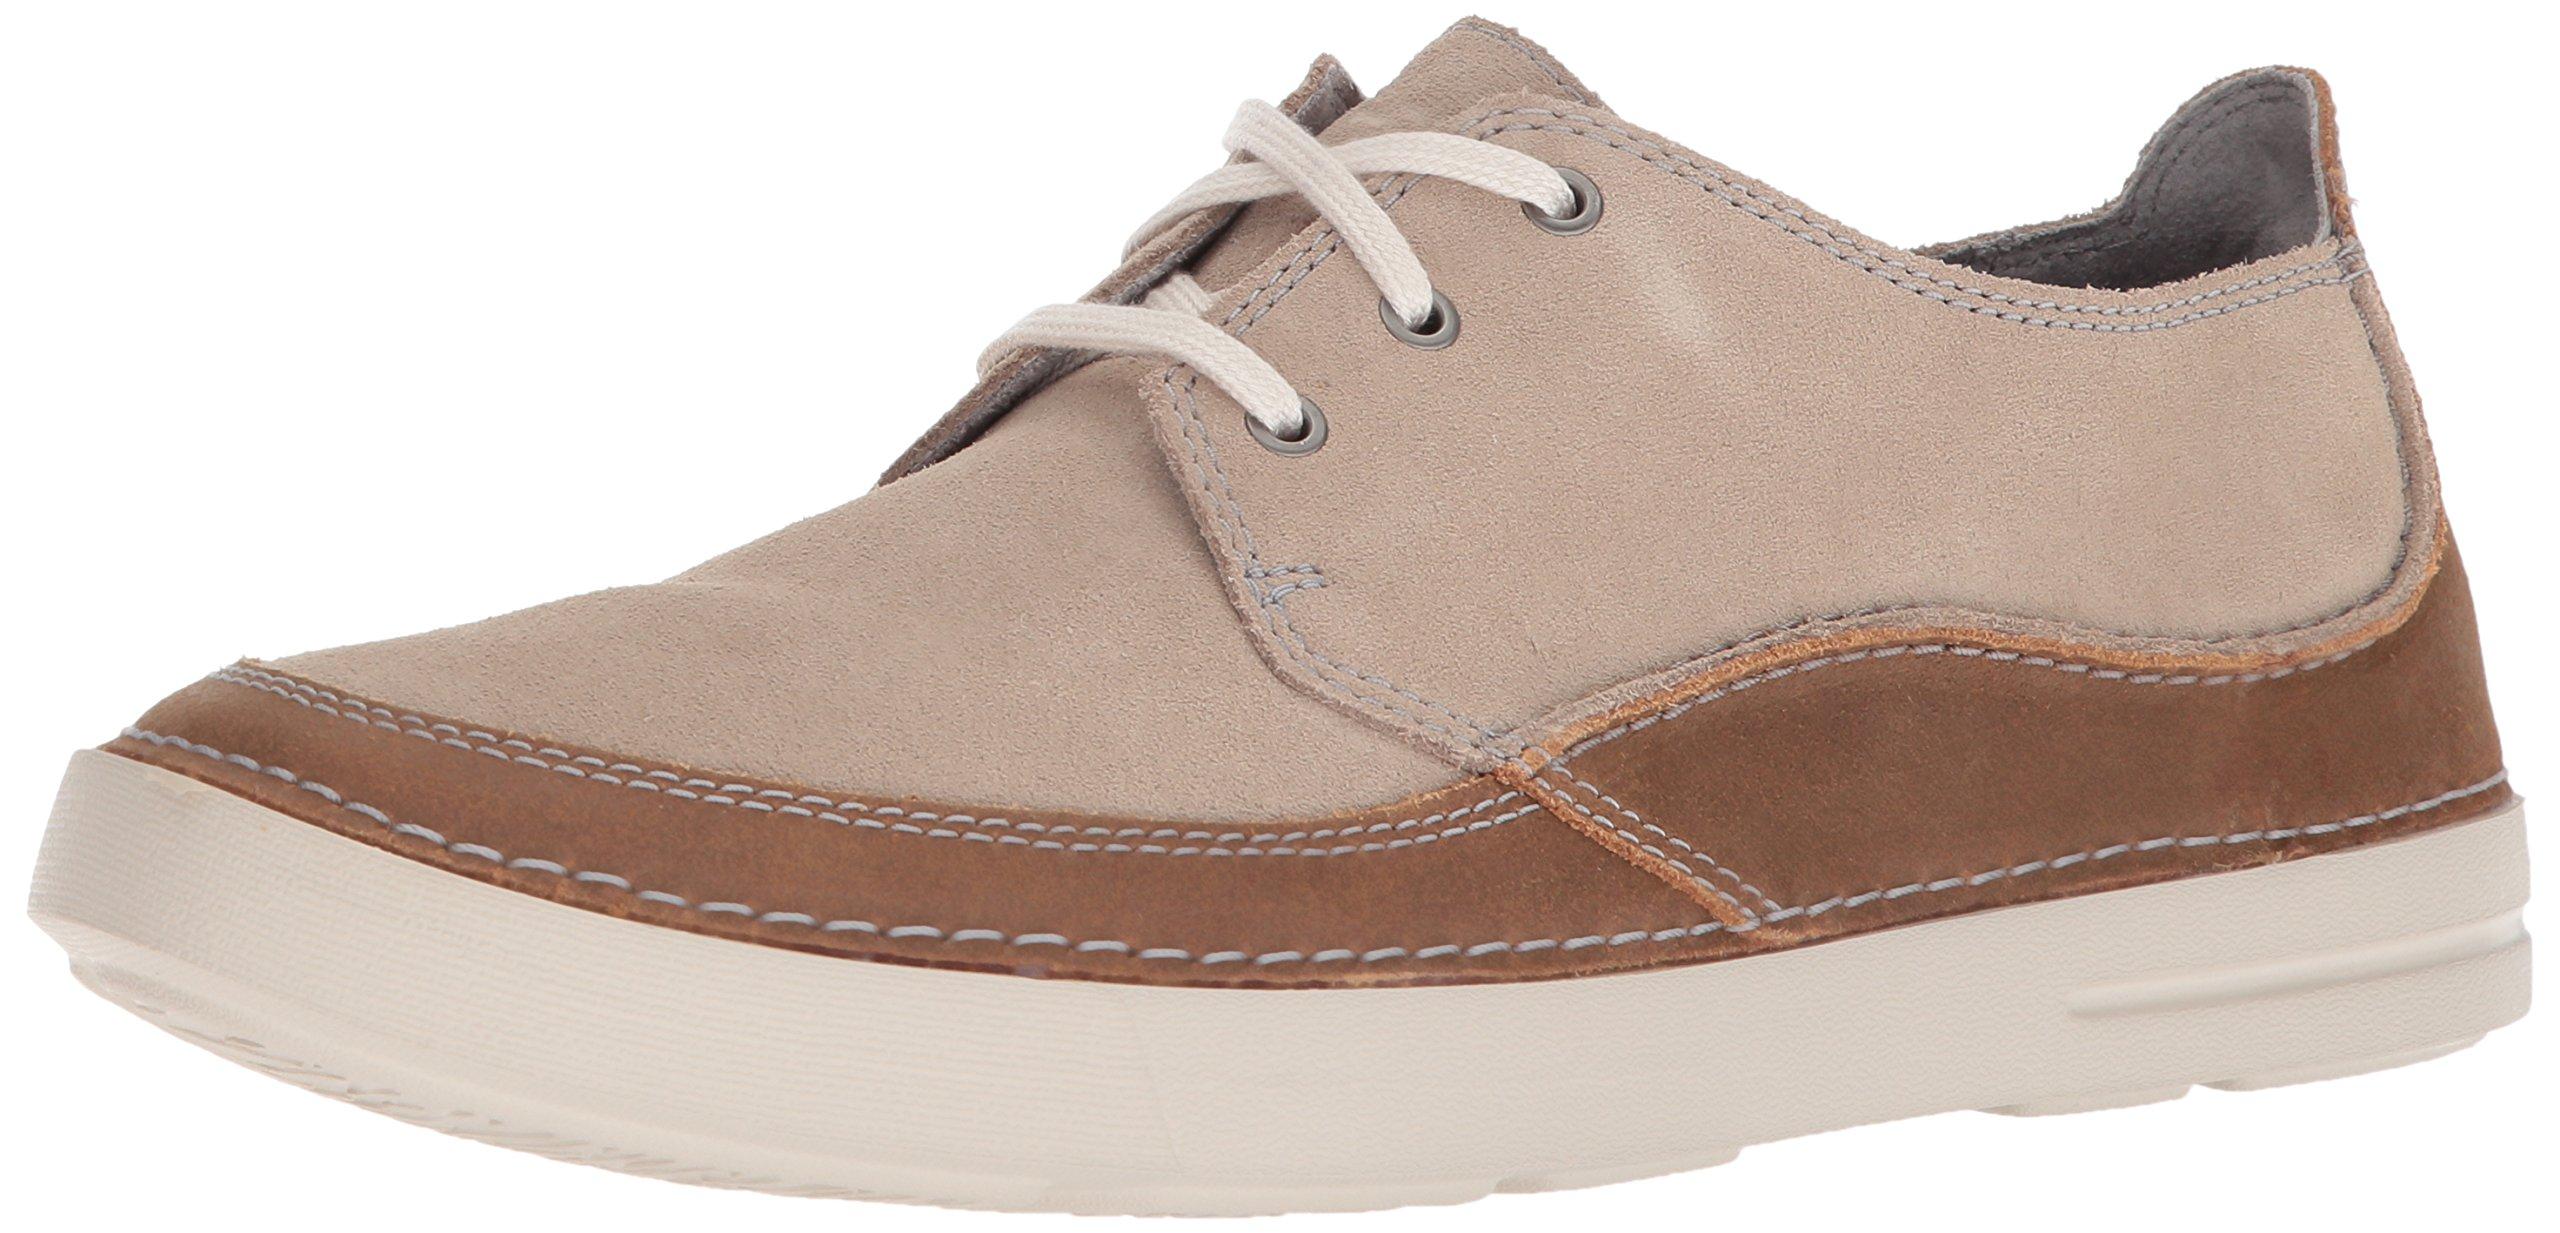 CLARKS Men's Gosler Edge Sneaker, Sand Suede, 12 M US